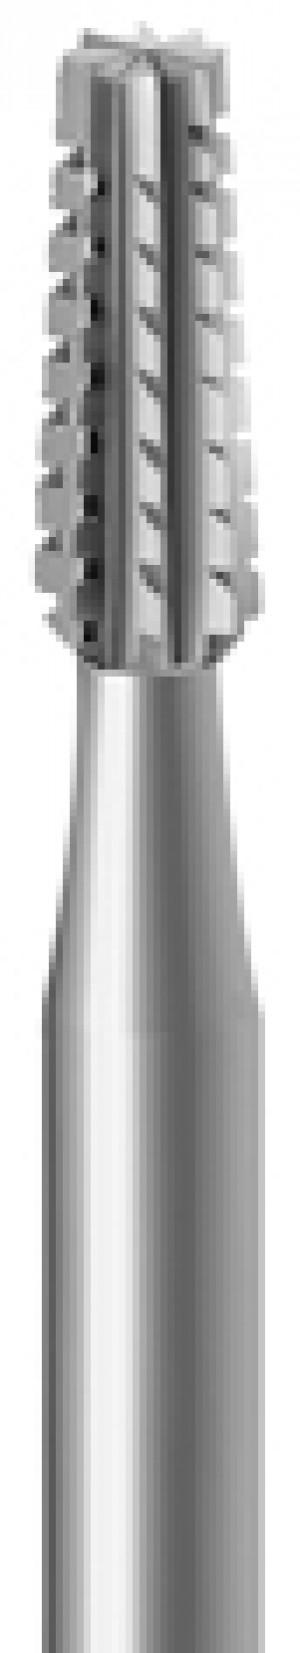 CROSS CUT CONE BUR 018